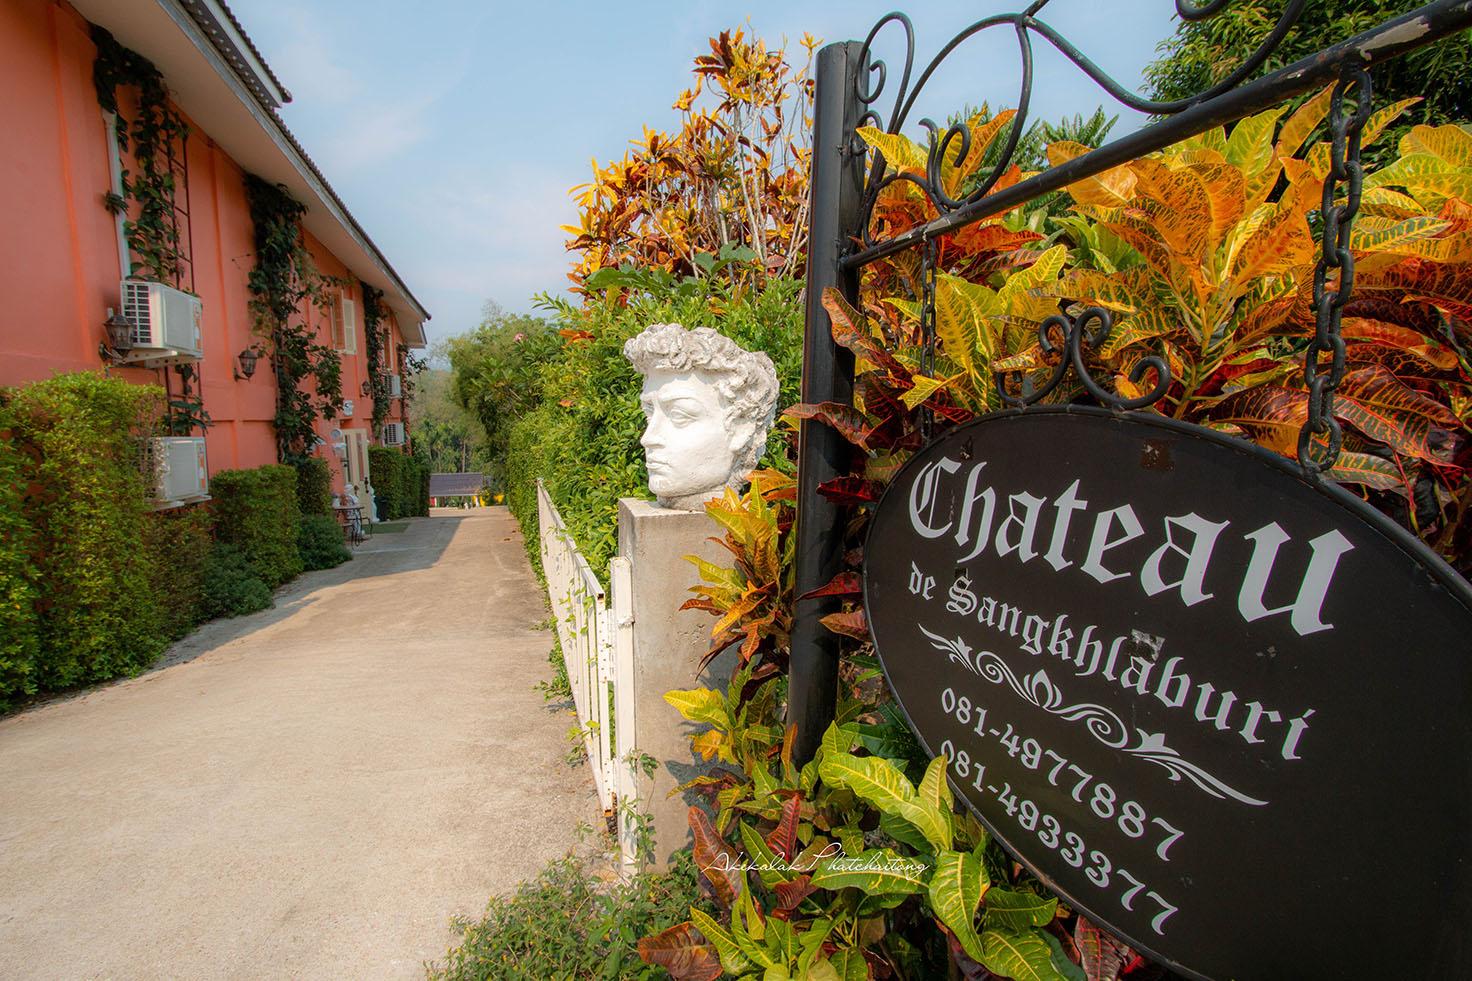 พื้นที่ภายนอกชาโต้ เดอ สังขละบุรี (Chateau de Sangkhlaburi)